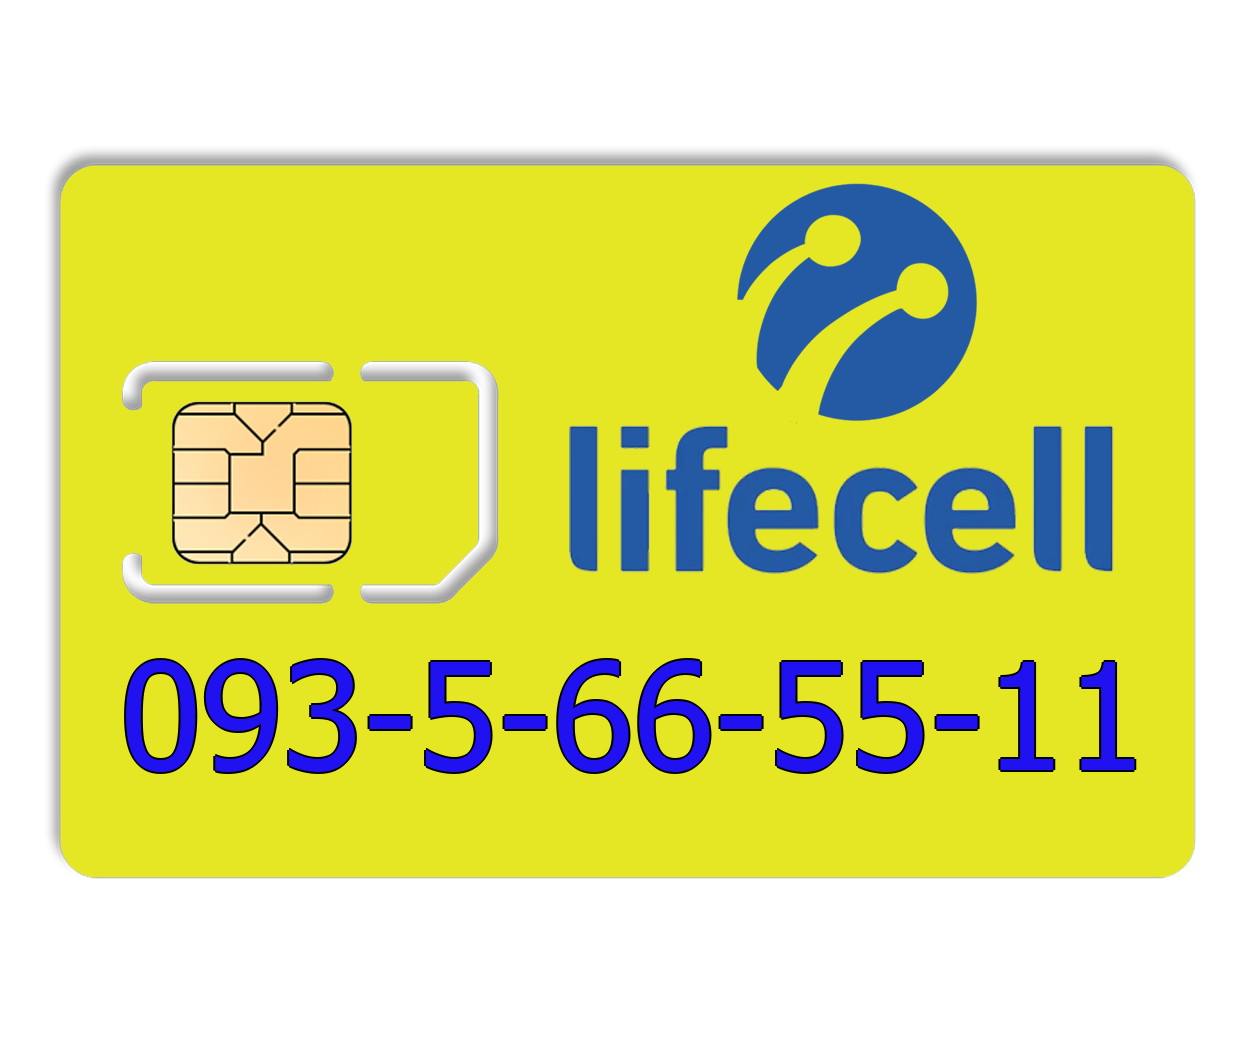 Красивый номер lifecell 093-5-66-55-11